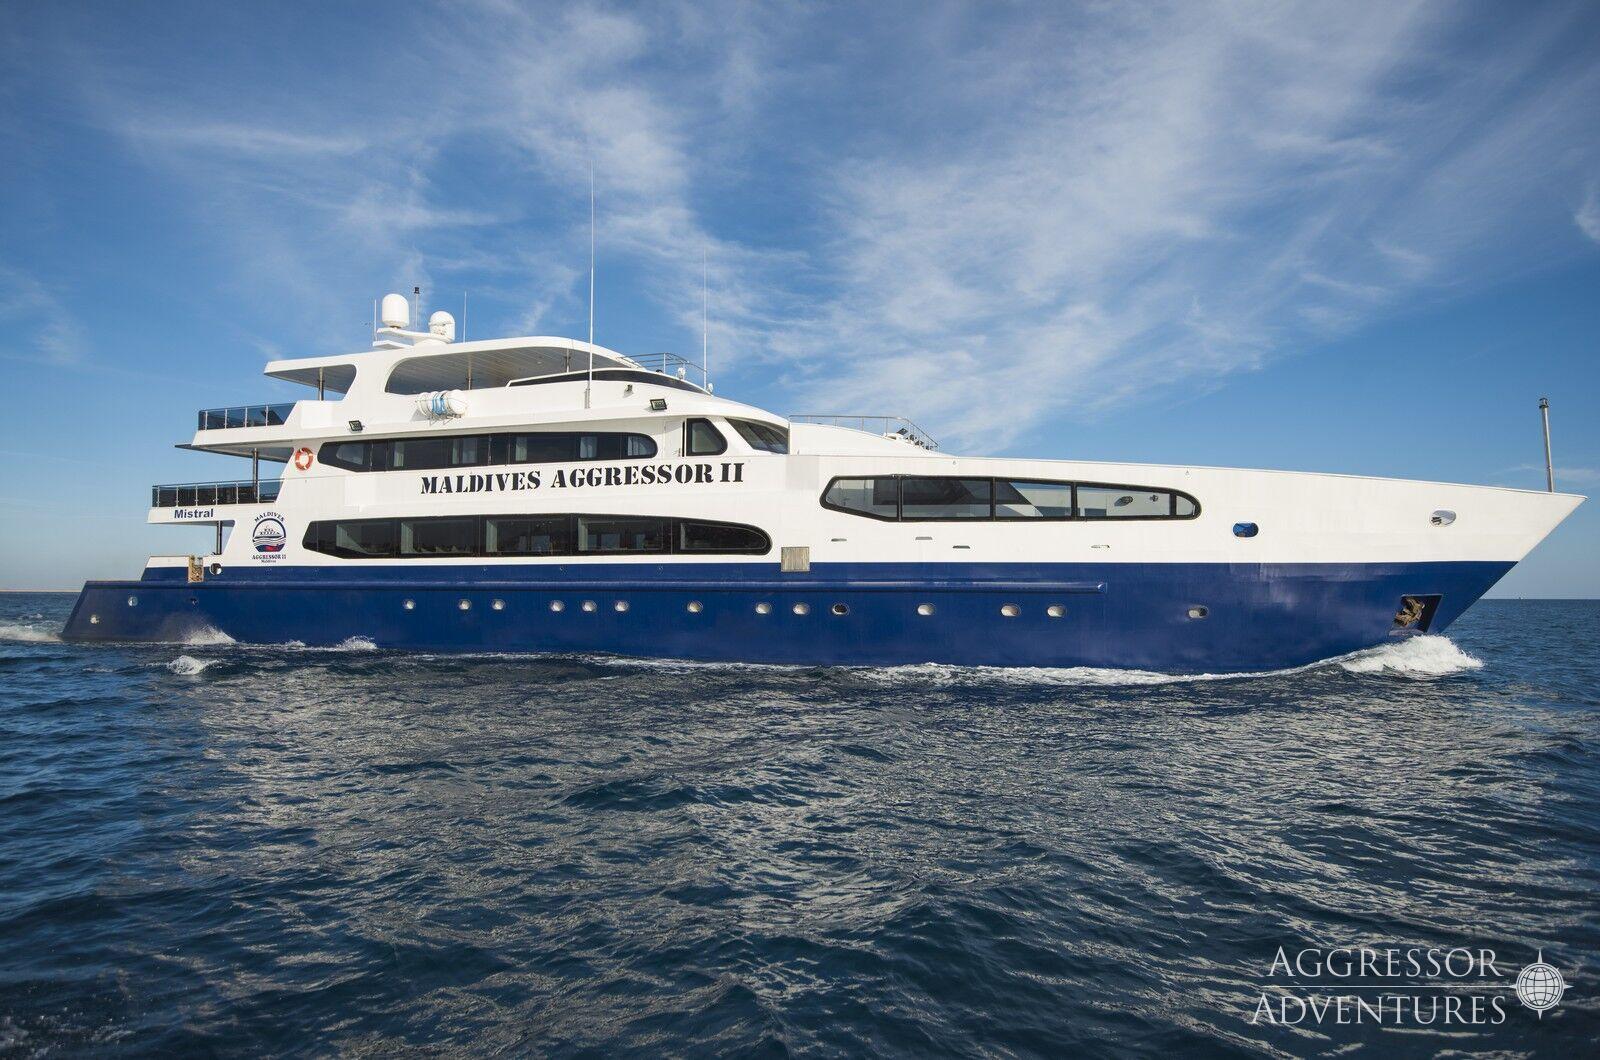 Croisière plongée aux Maldives à bord du Maldives Aggressor II